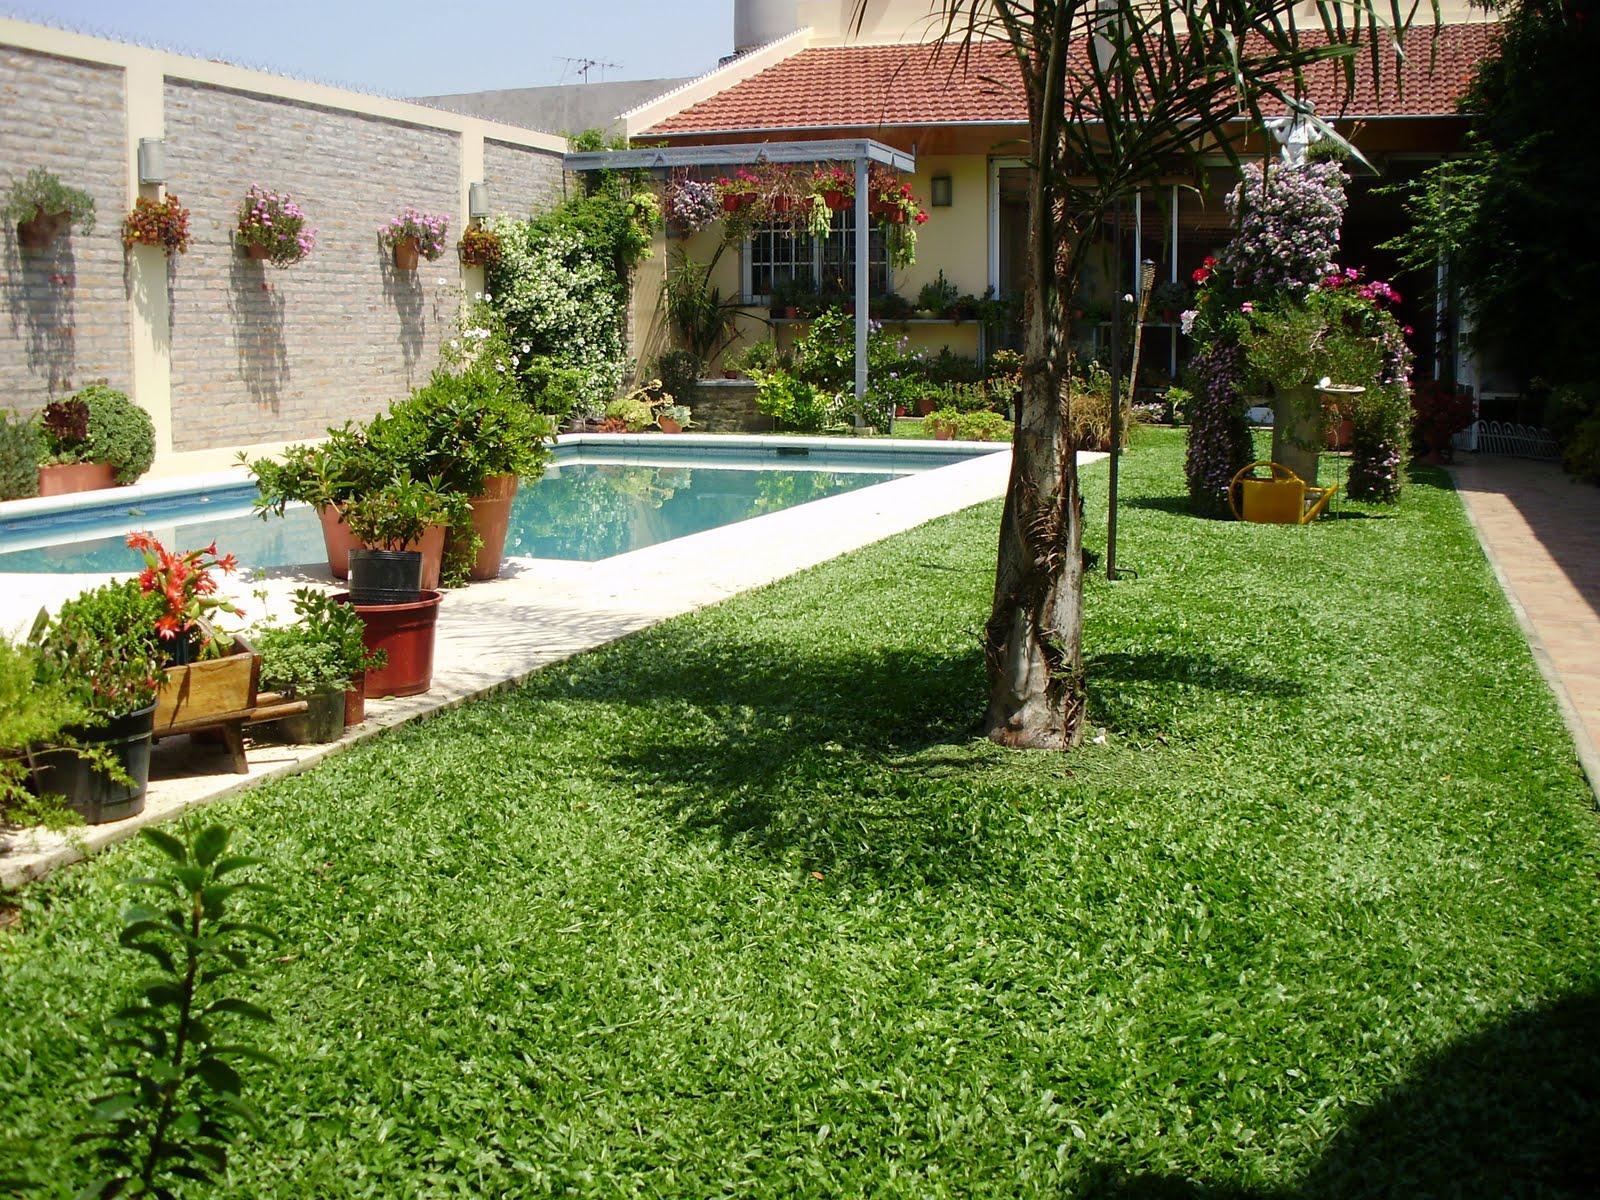 jardines osvaldo dise os y servicios de parques y jardines